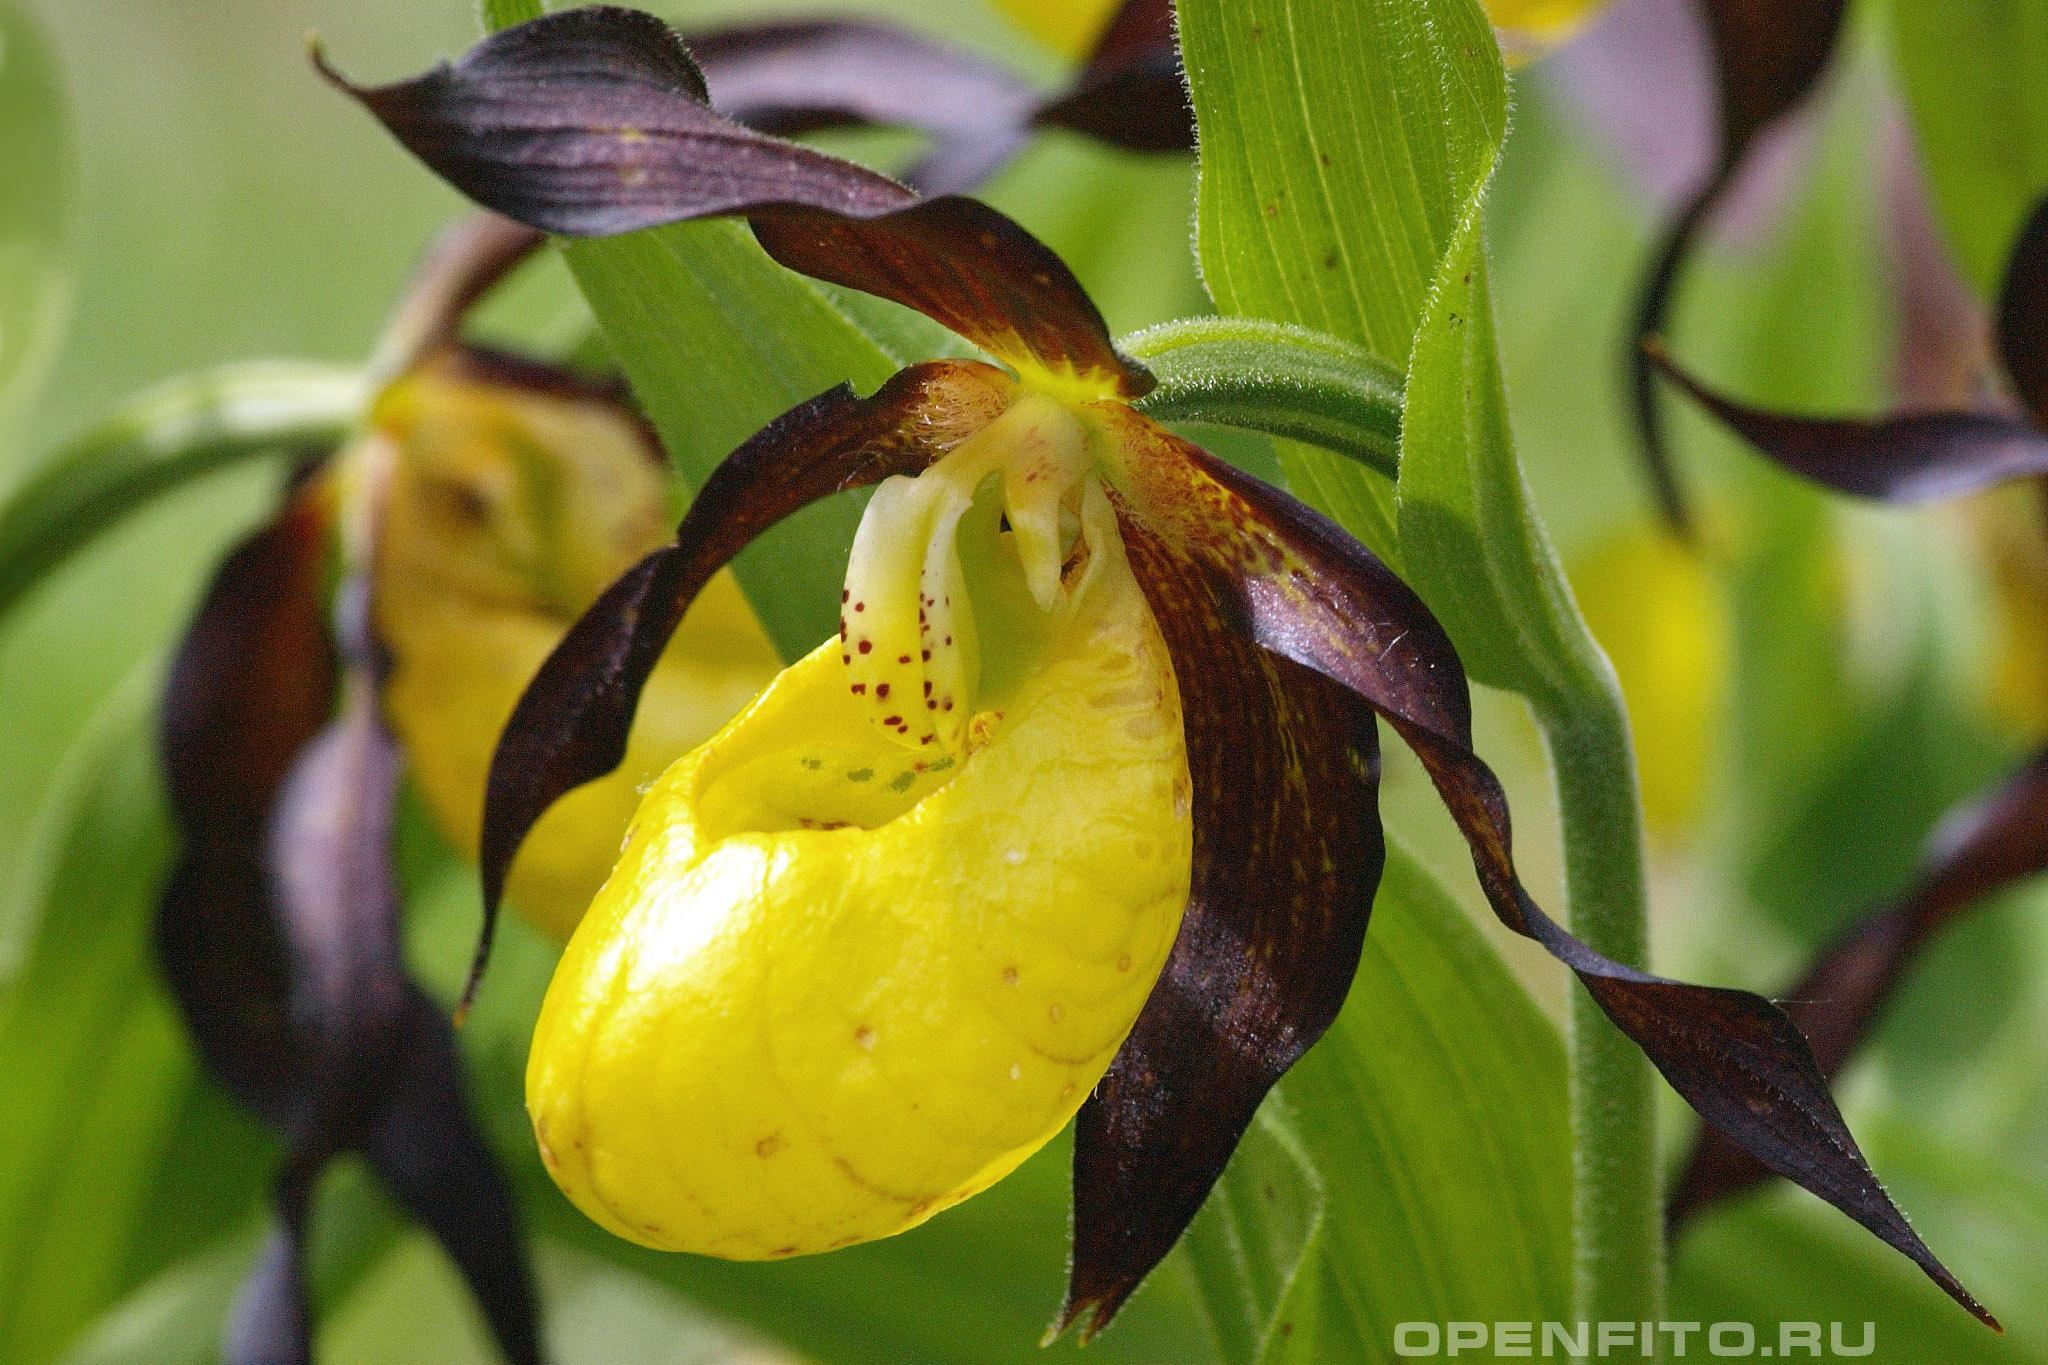 Башмачок обыкновенный или Венерин башмачок желтый